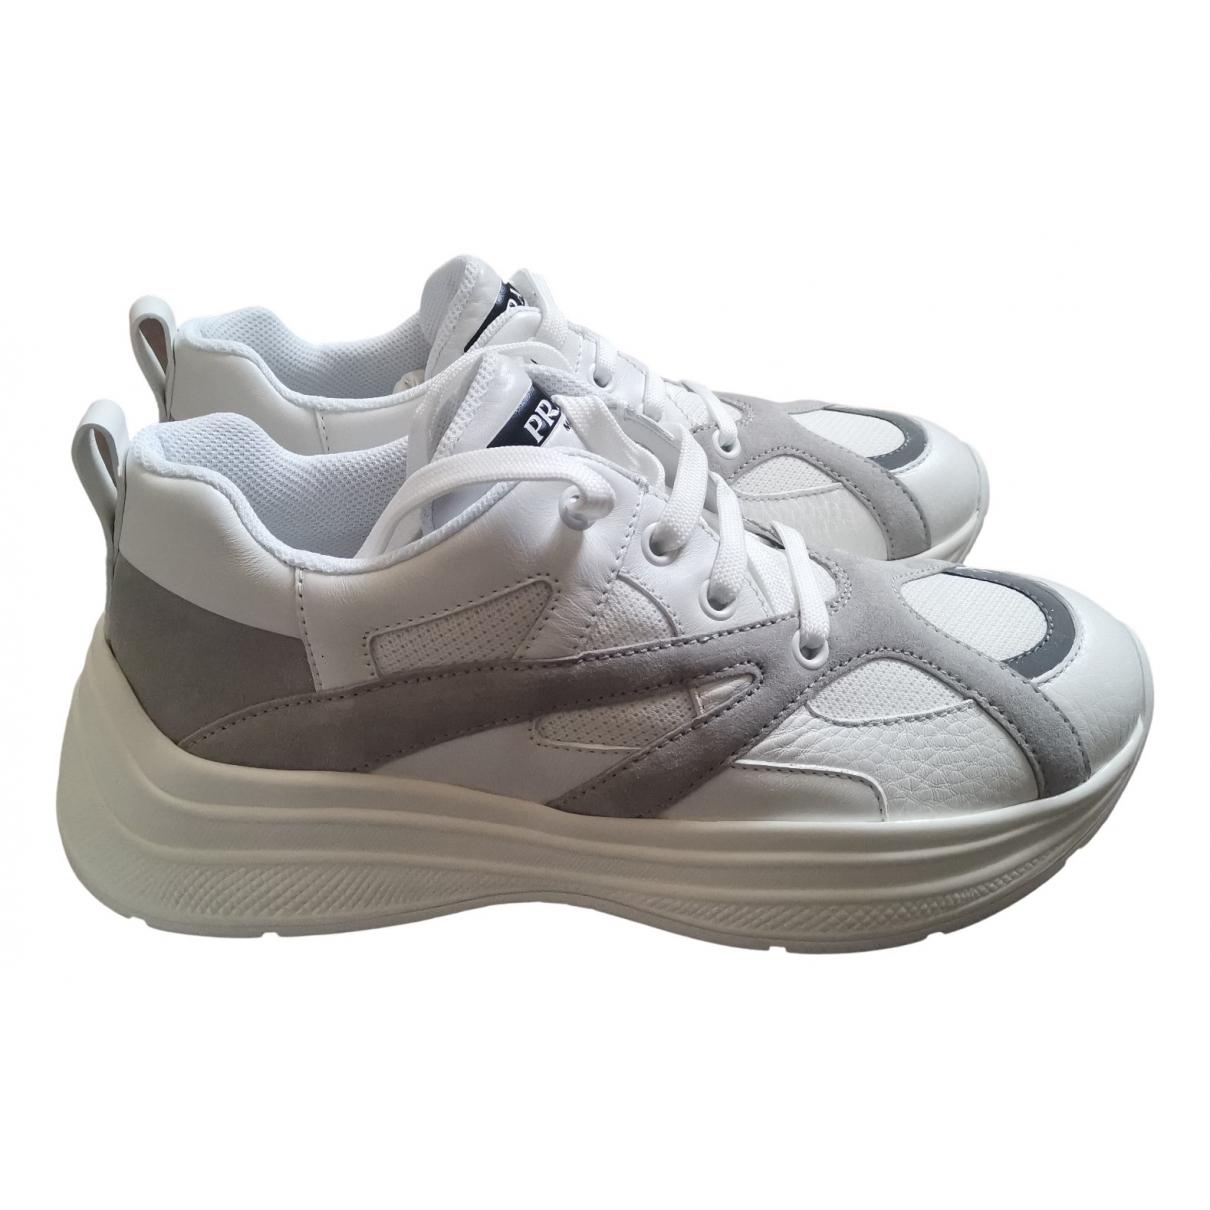 Prada \N Sneakers in  Weiss Leinen